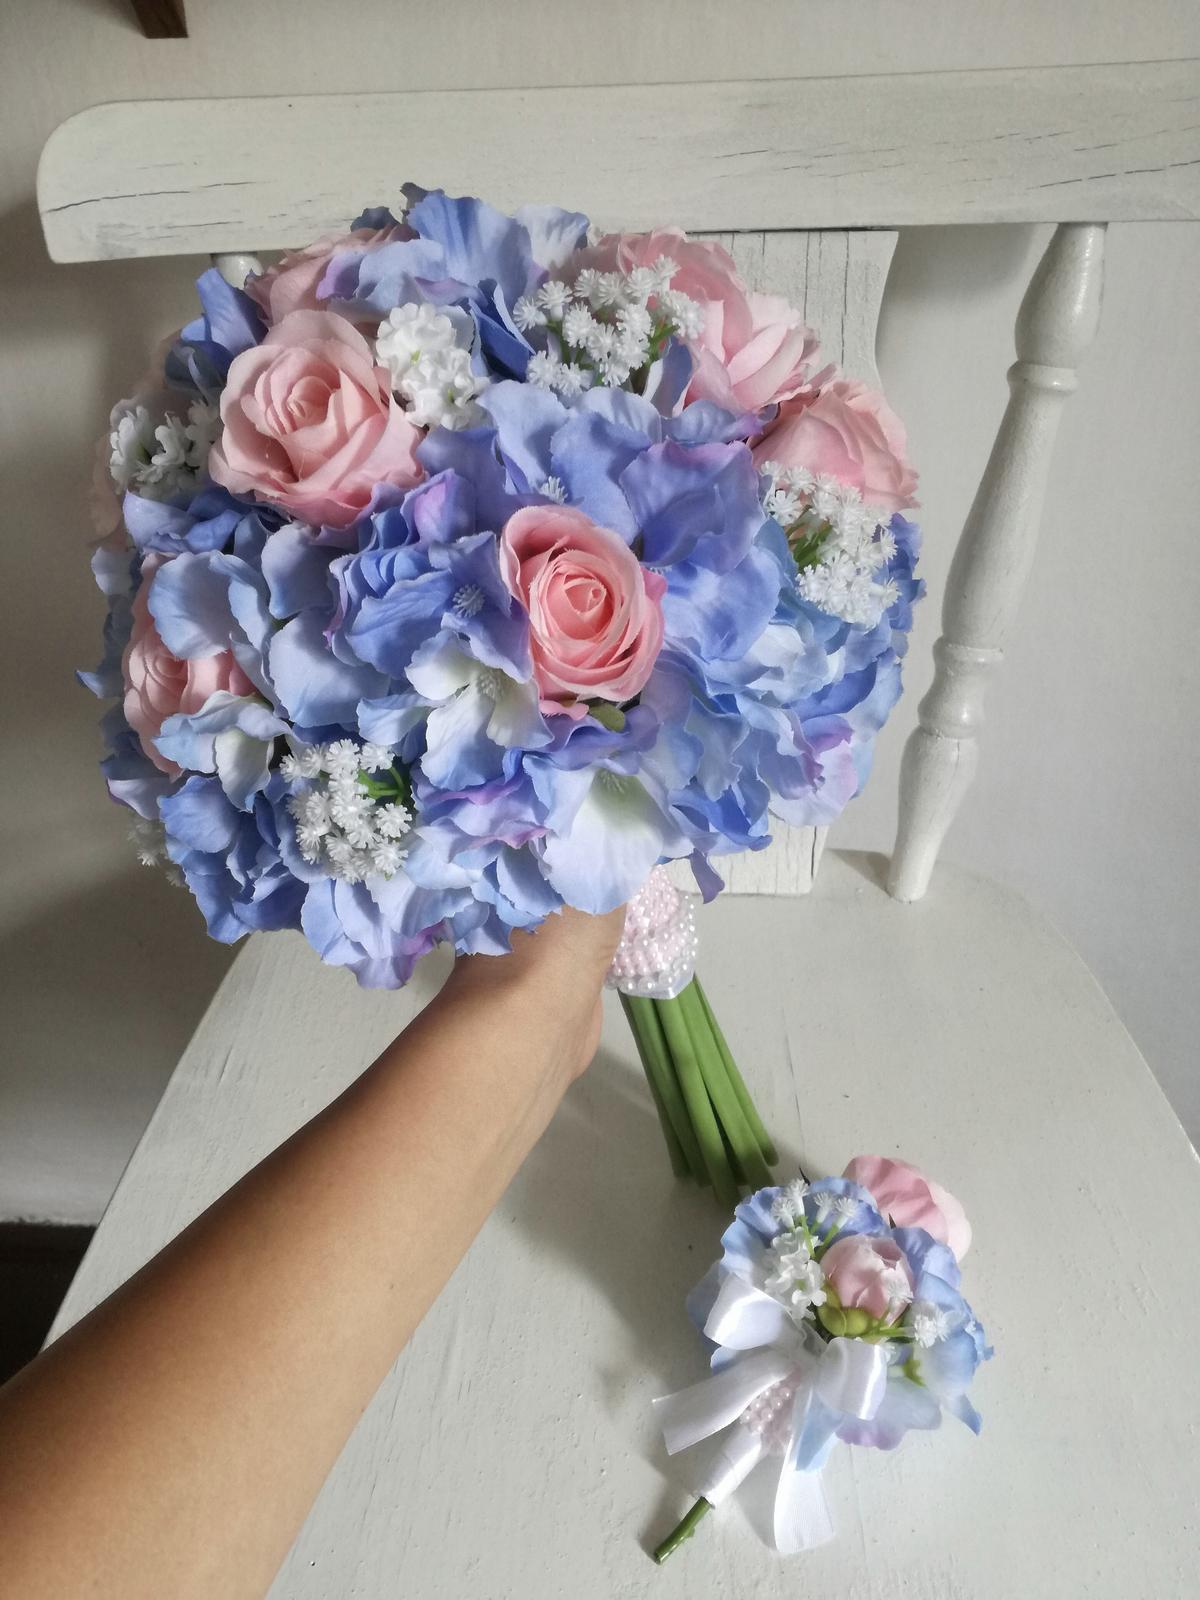 Z umelých kvetov - Obrázok č. 40